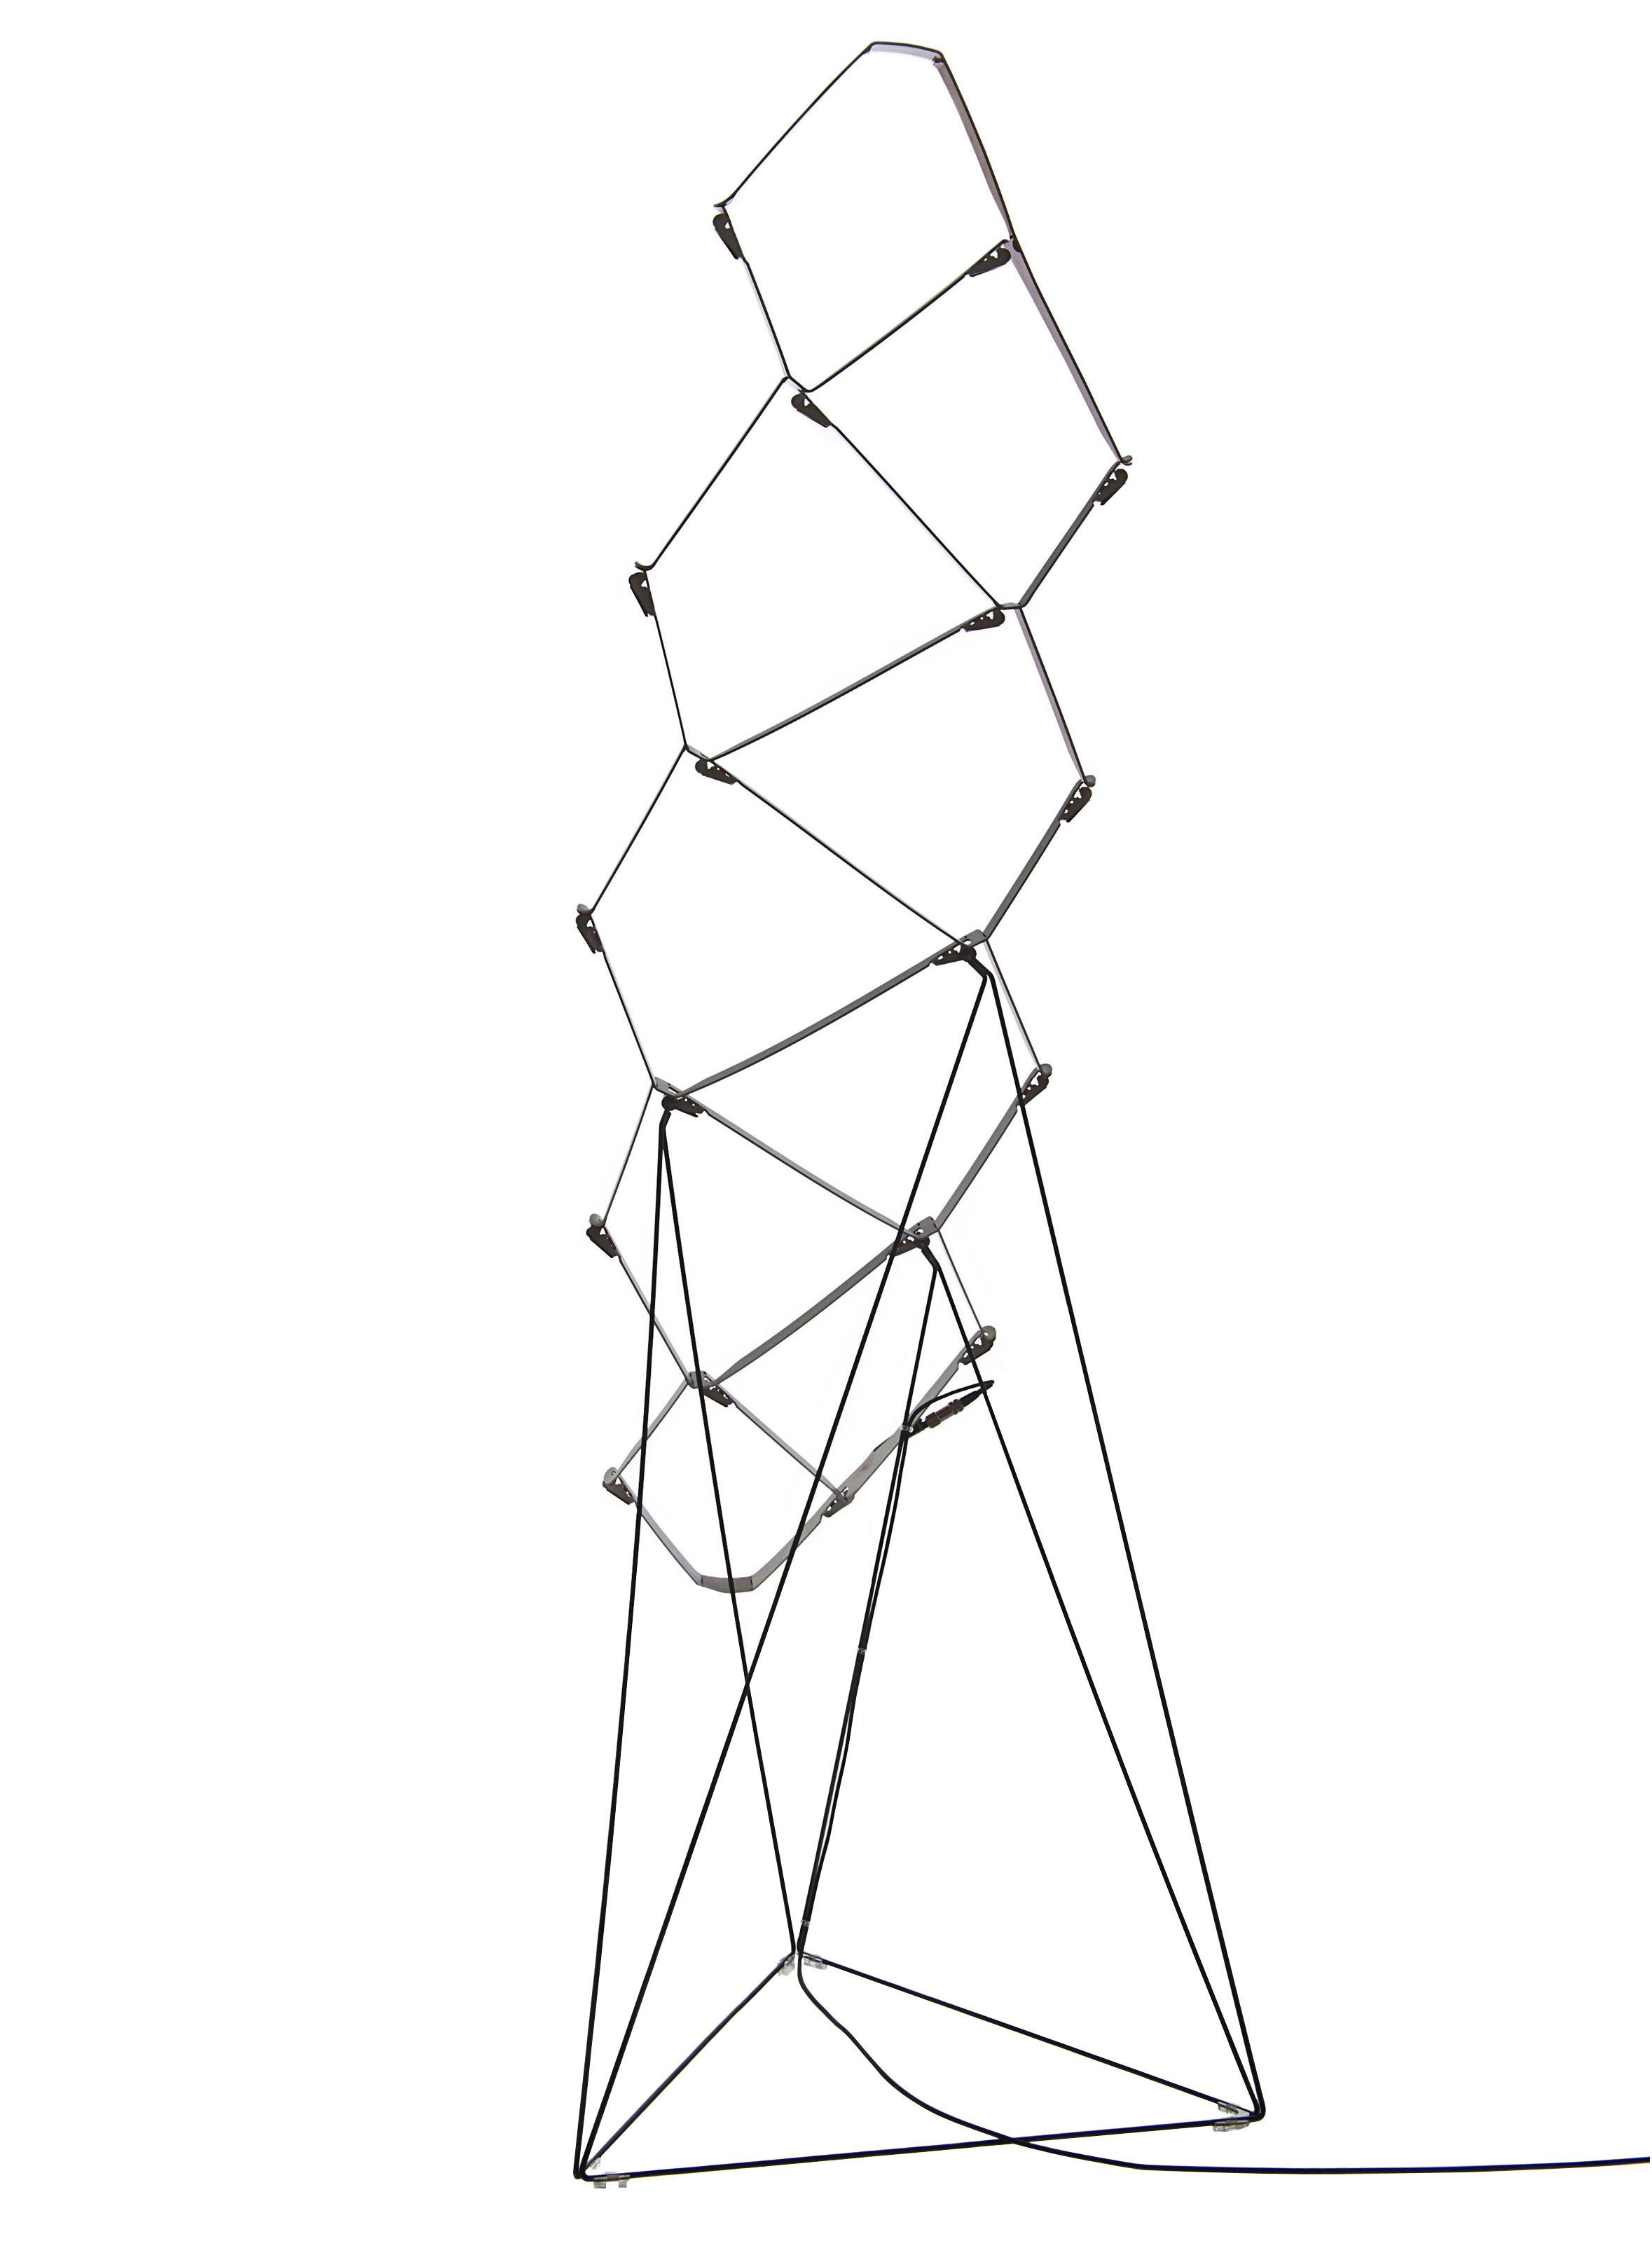 Leuchten - Stehleuchten - Nothing Stehleuchte LED - H 110 cm - Luceplan - Schwarz - Aluminium, Stahl